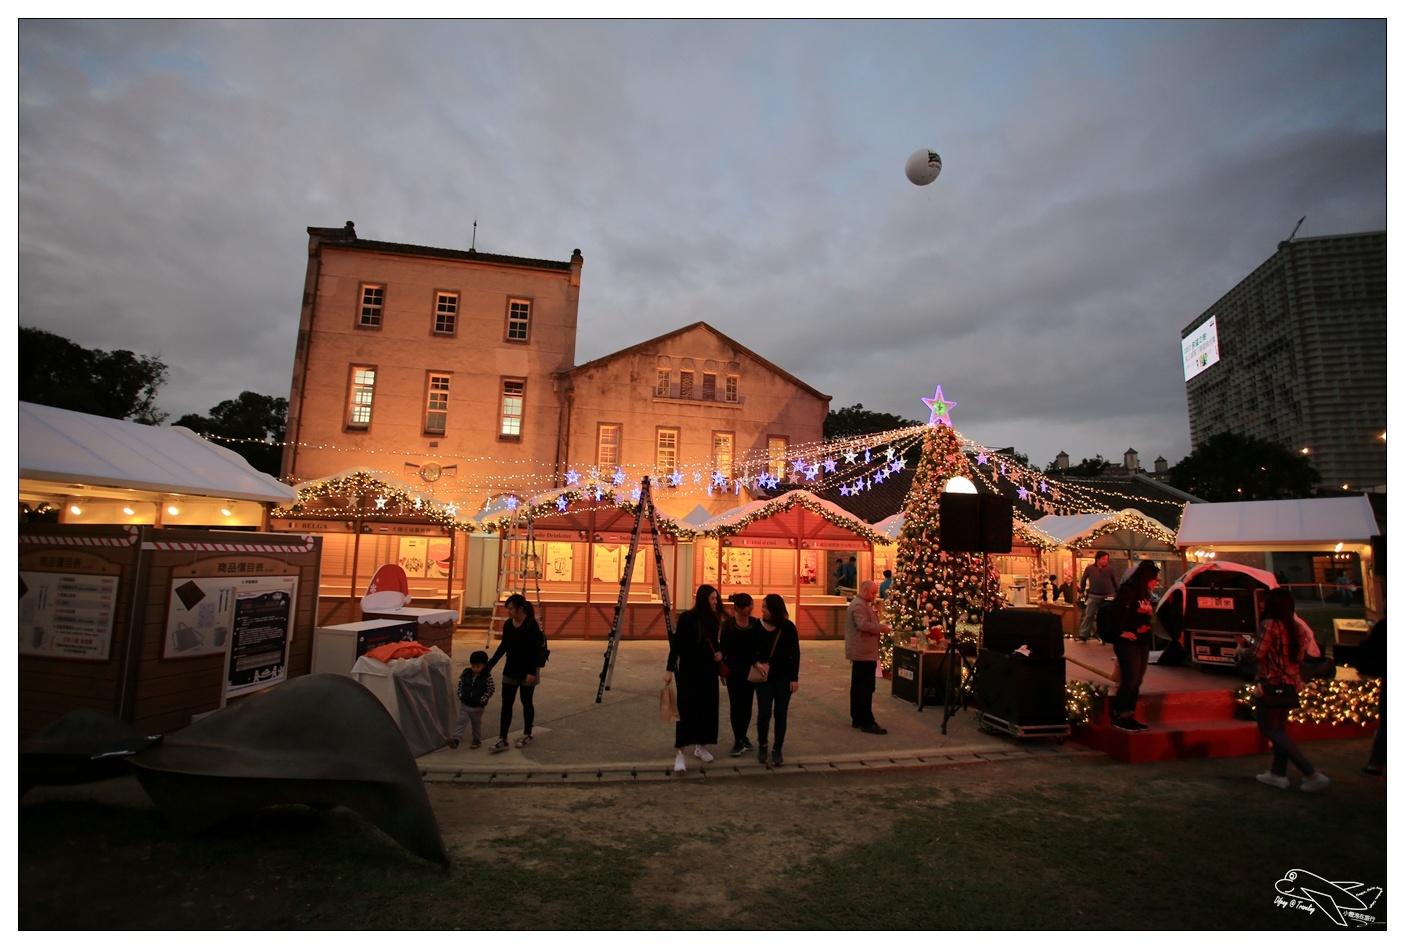 華航華山耶誕市集|開幕前攤位搶先看!12/9~12/11免費入場。14間白雪小屋~更有歐洲市集FU、結合多國元素~浪漫風情滿華山~